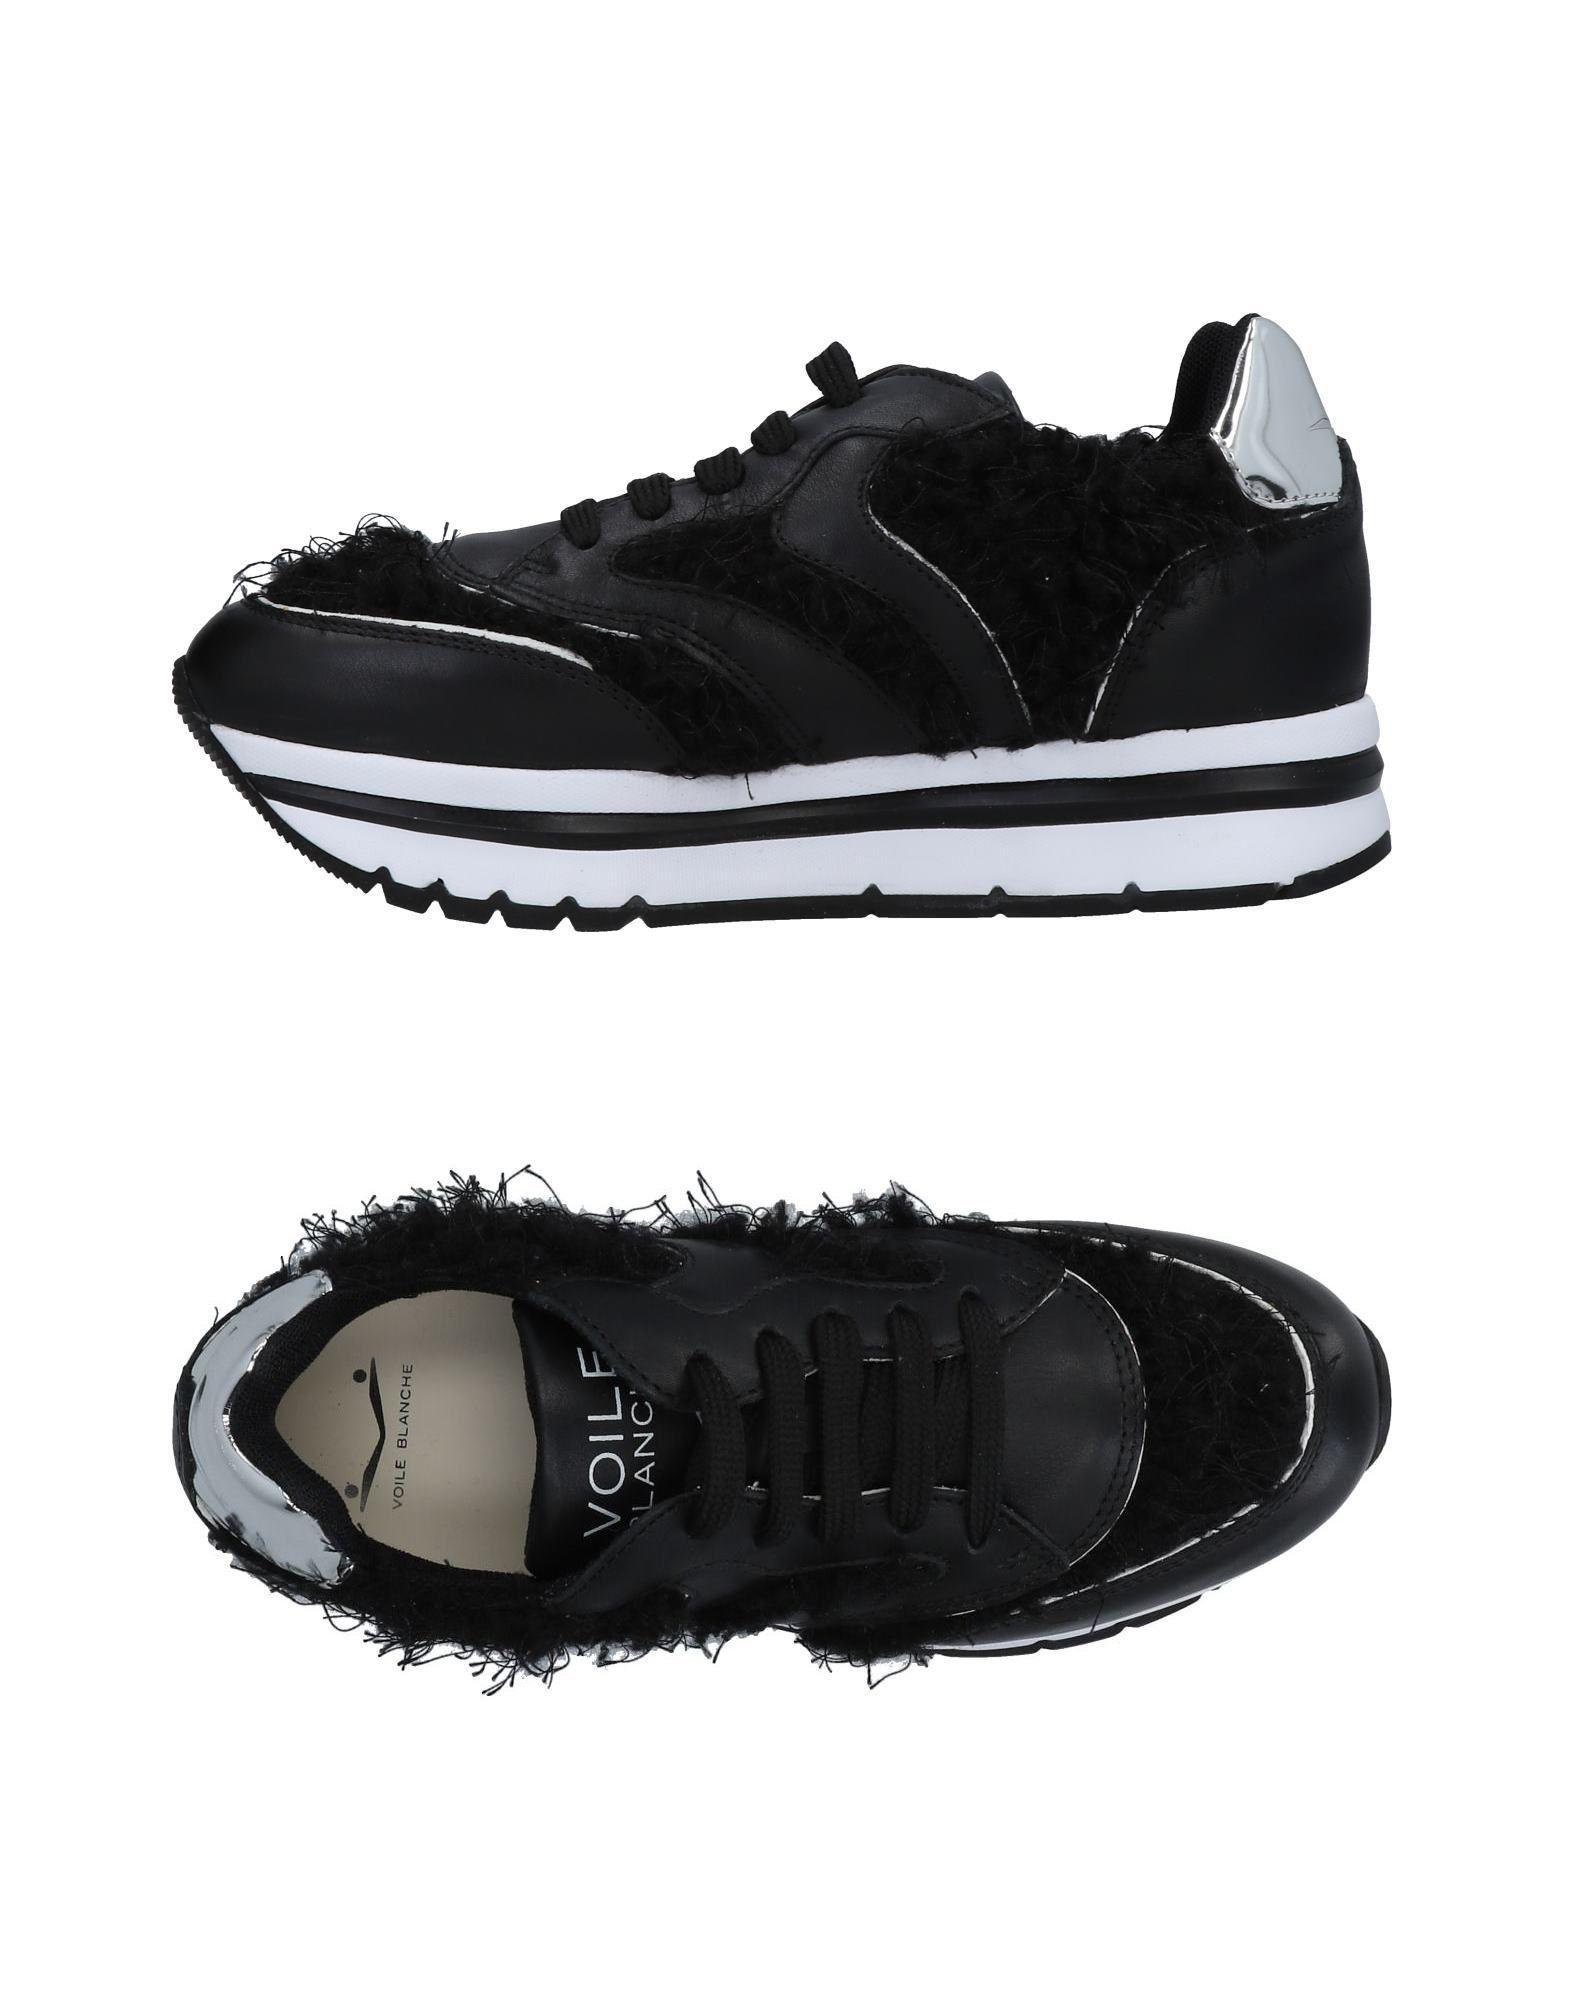 Moda barata y hermosa Zapatillas Voile Blanche Mujer - - - Zapatillas Voile Blanche  Negro 33e805